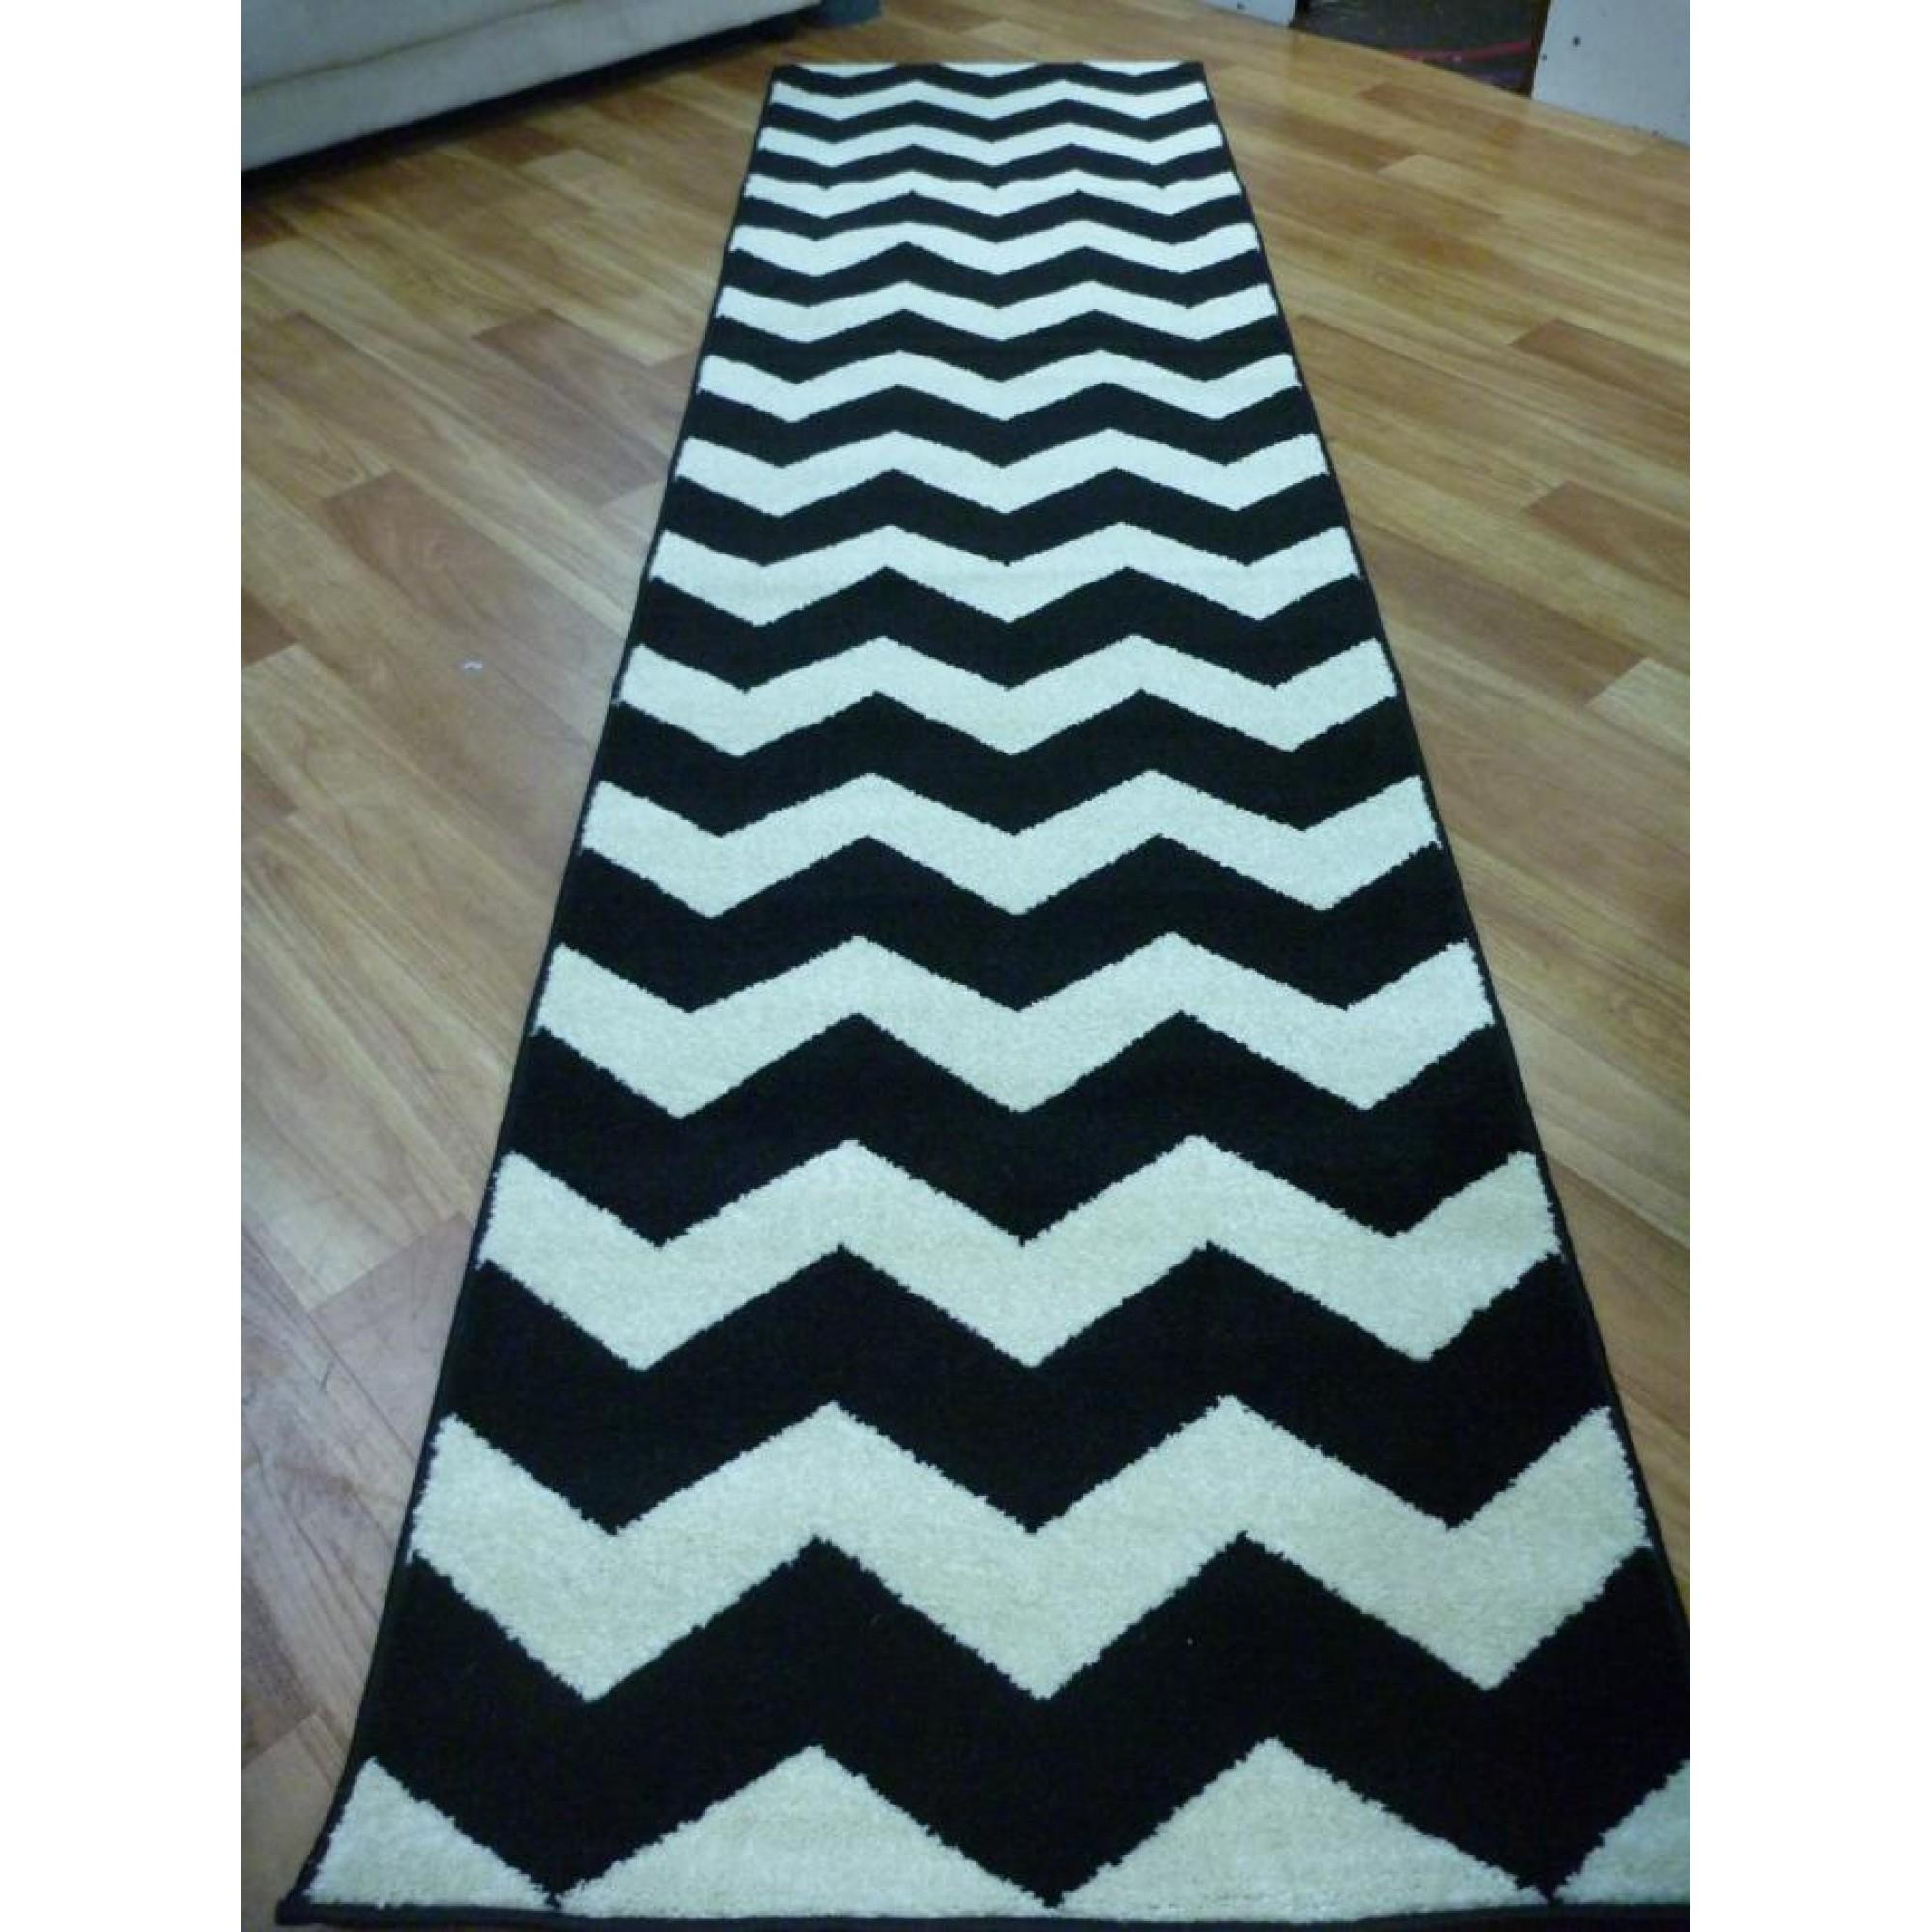 Carpet Runners For Hallways Australia Carpet Vidalondon In Modern Rug Runners For Hallways (View 4 of 20)